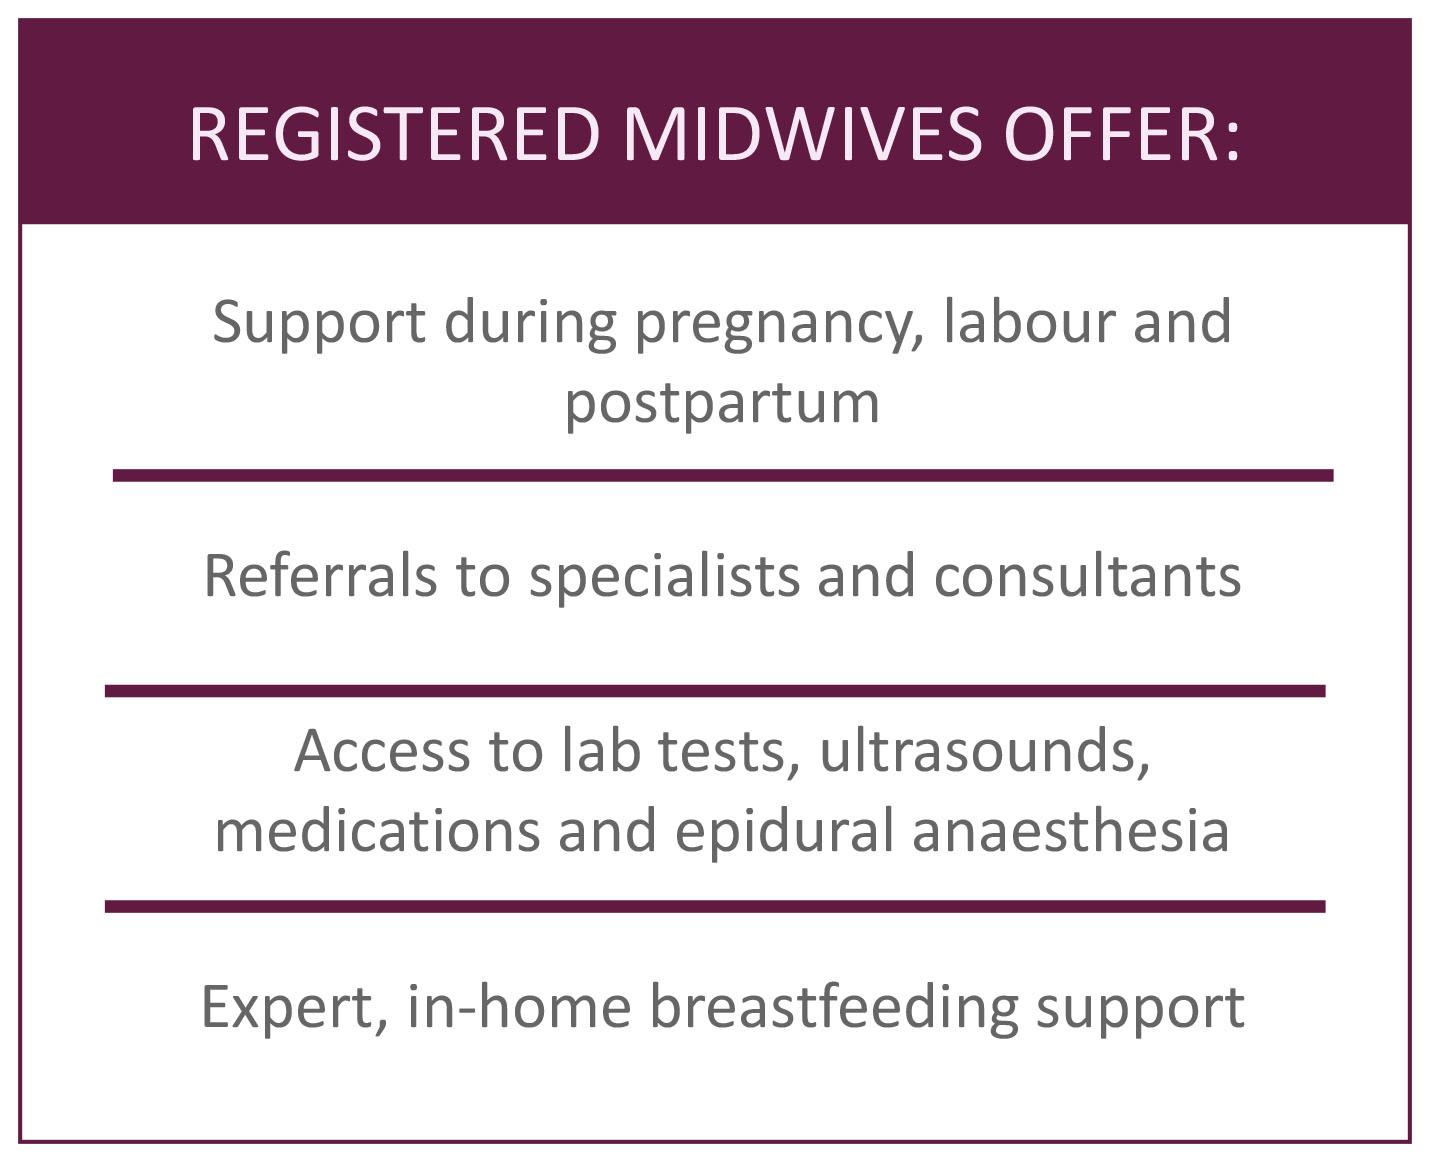 Midwives_offer_-_1.jpg